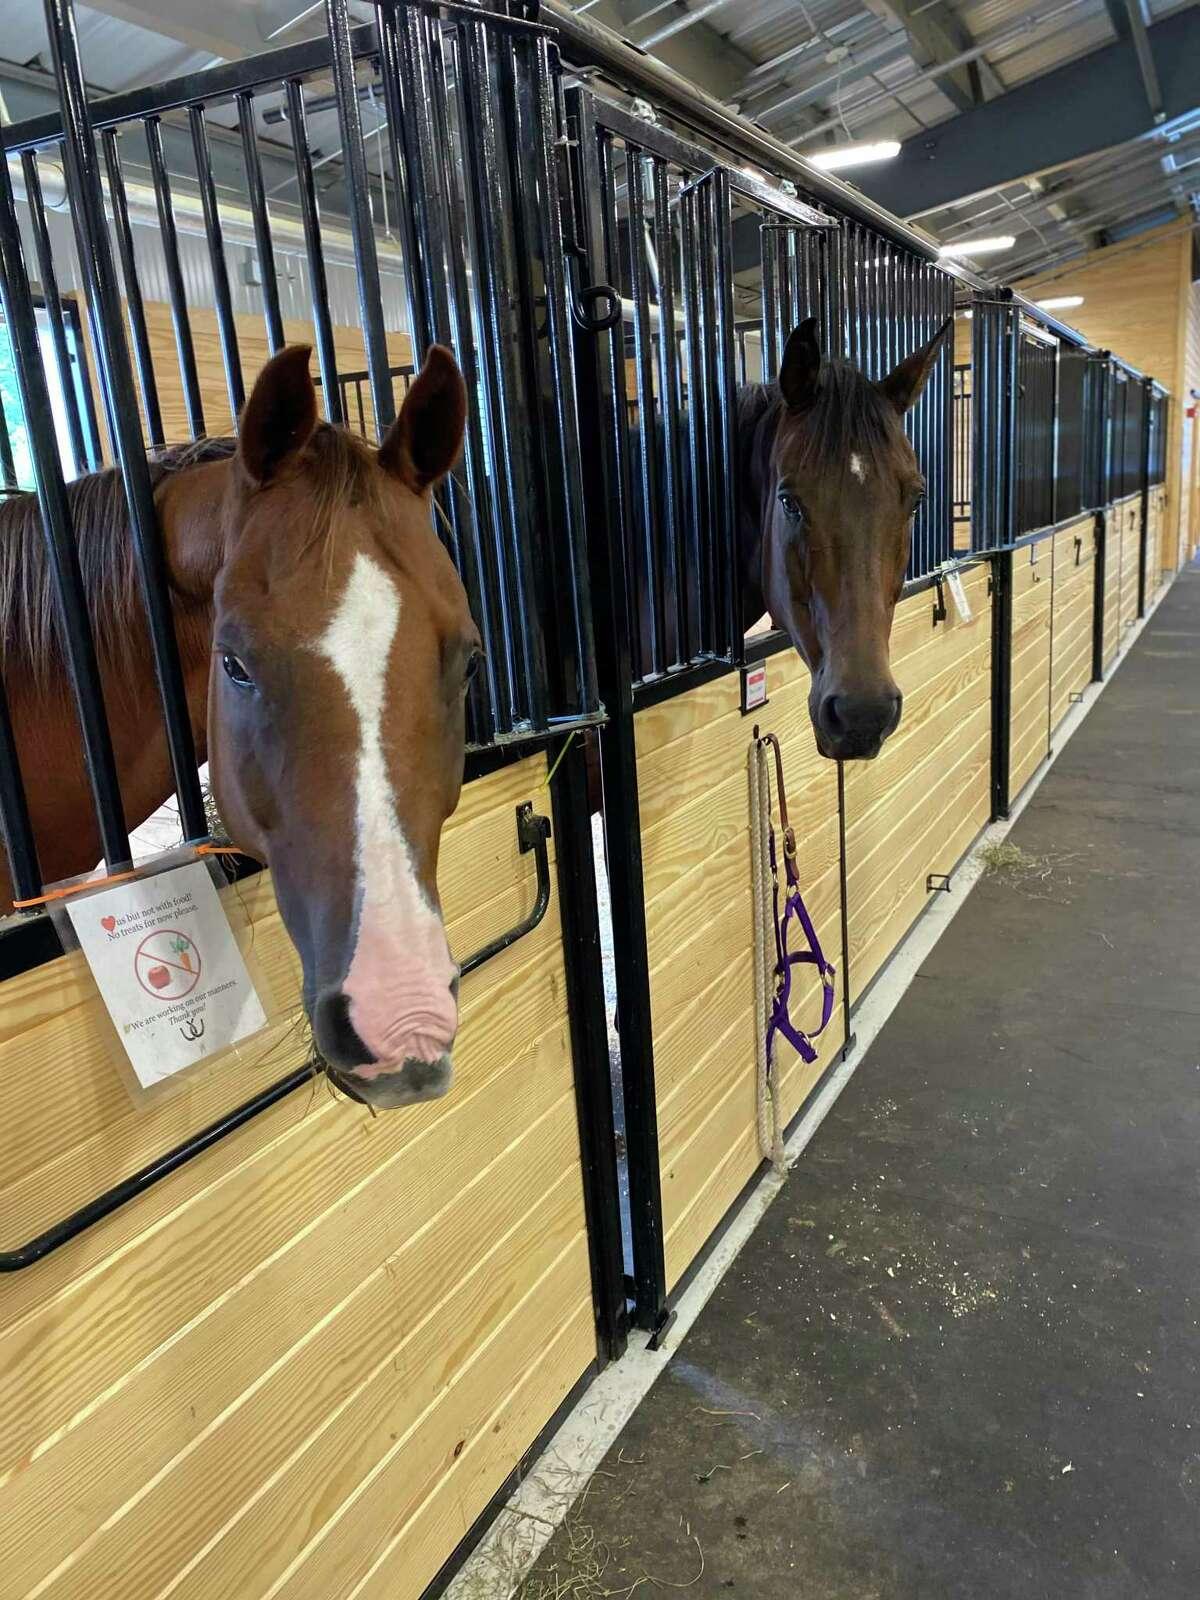 Horses in Shepaug Valley School's Agriscience Program